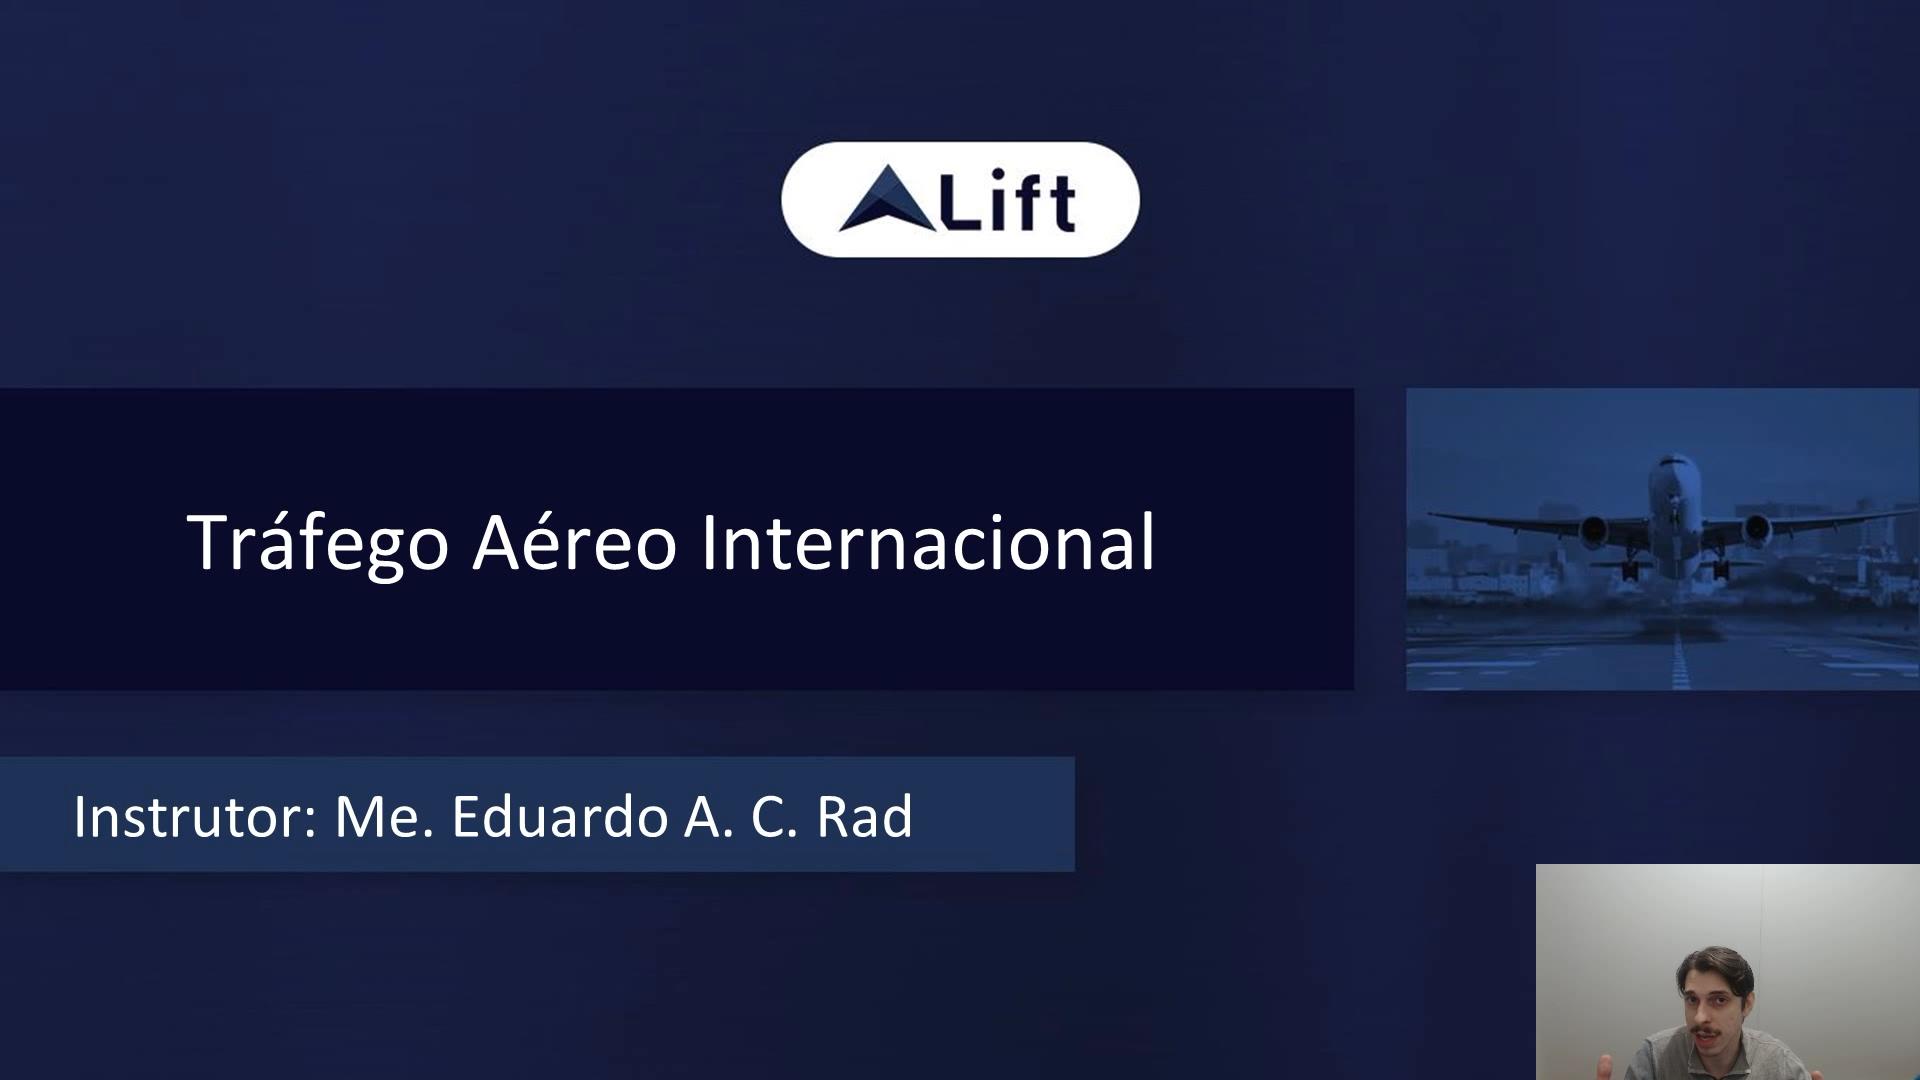 TAI: Tráfego Aéreo Internacional